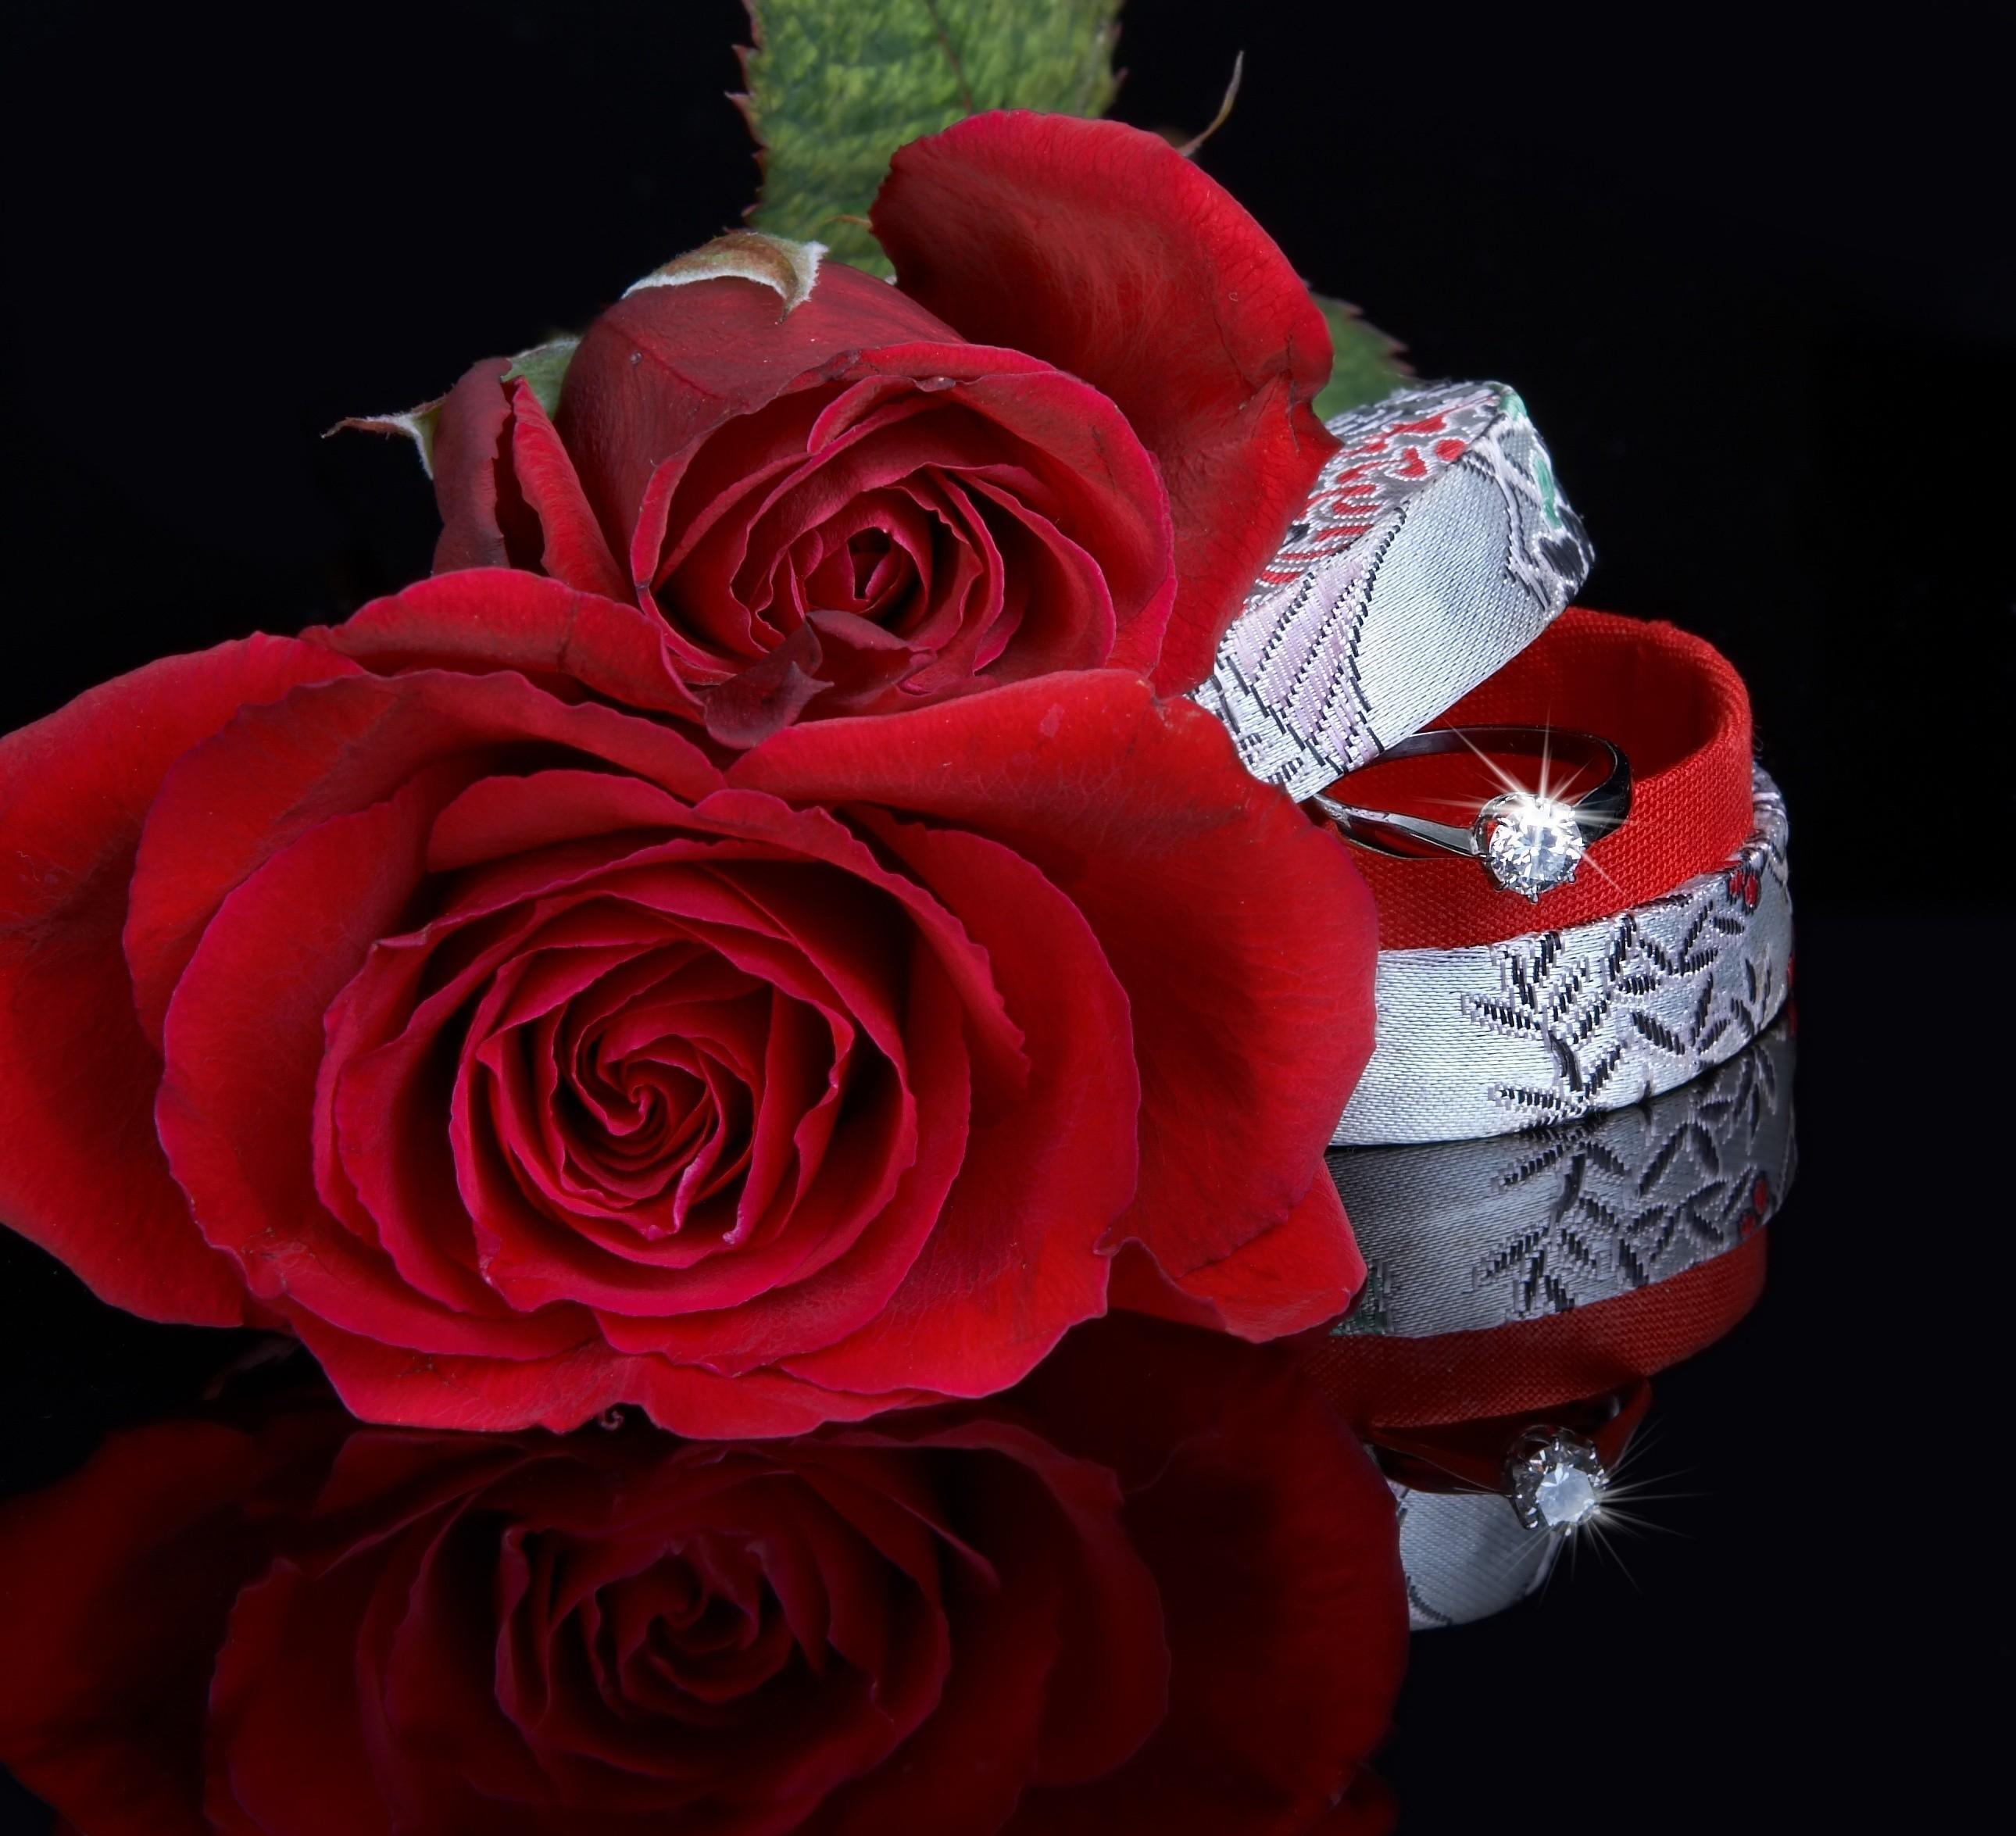 Красивые романтика, гифки любимой девушке с цветами